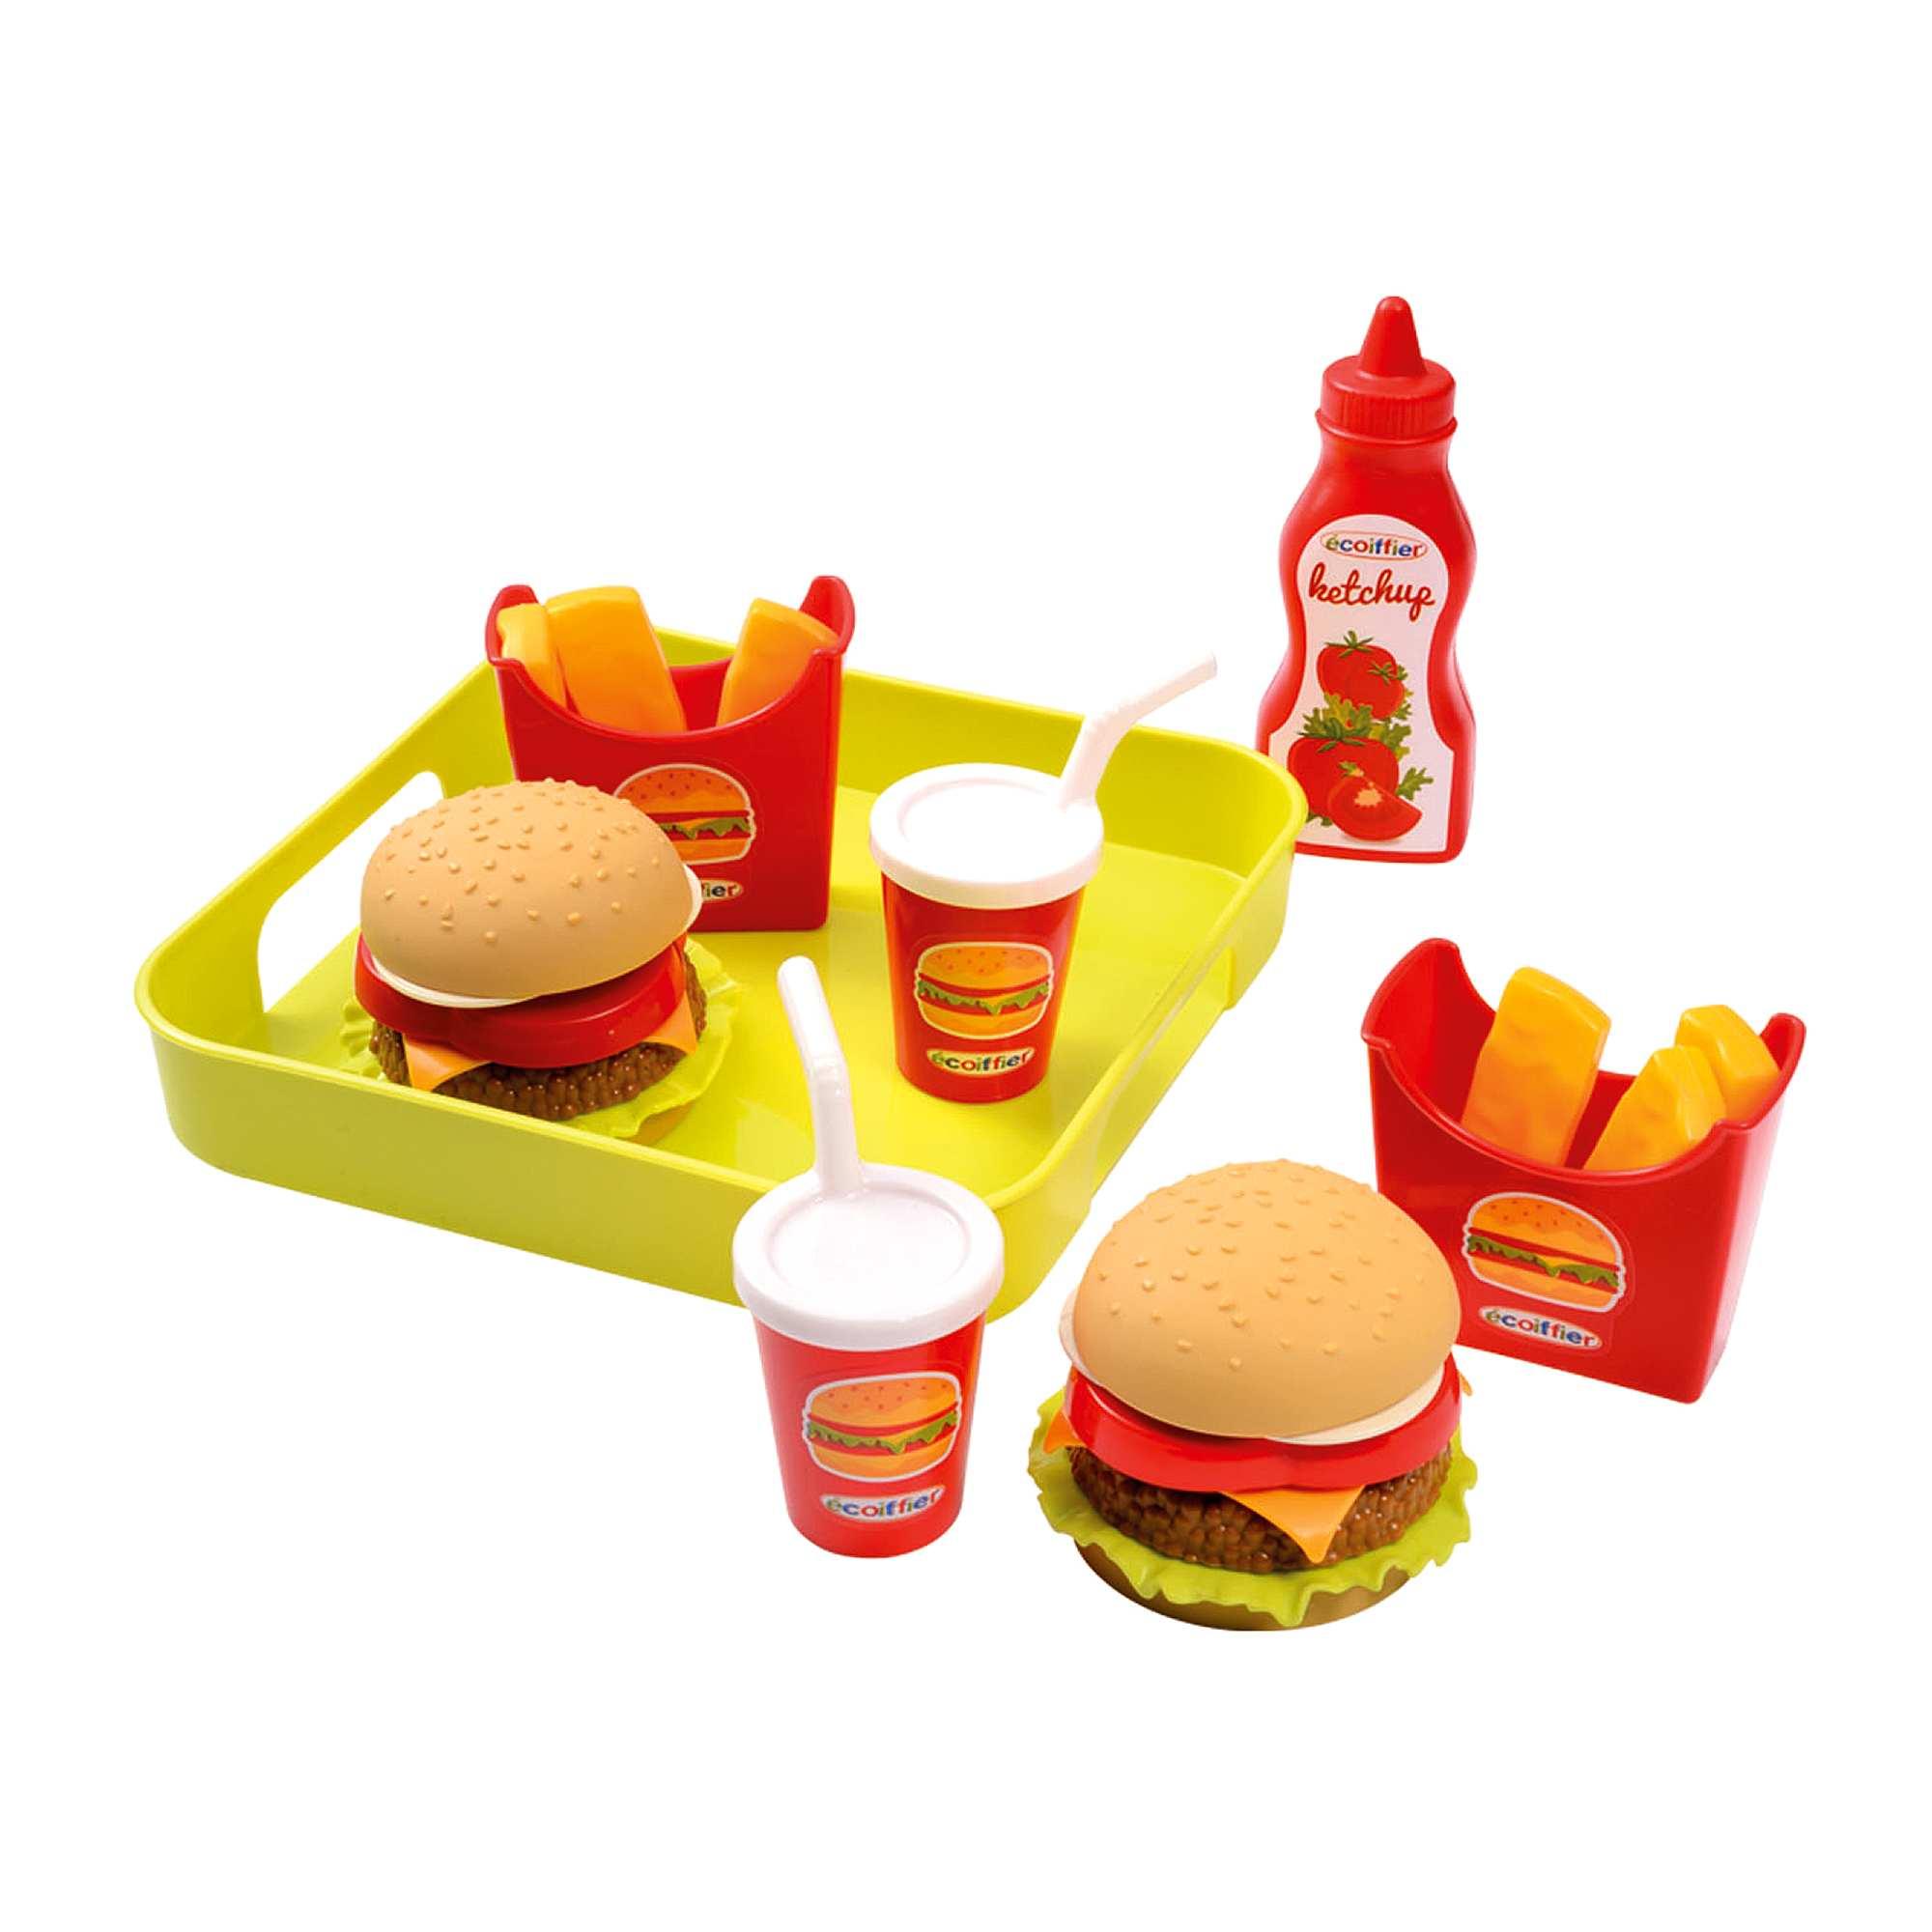 Accessori da cucina fast food giocattolo infanzia bambina for Accessori cucina giocattolo